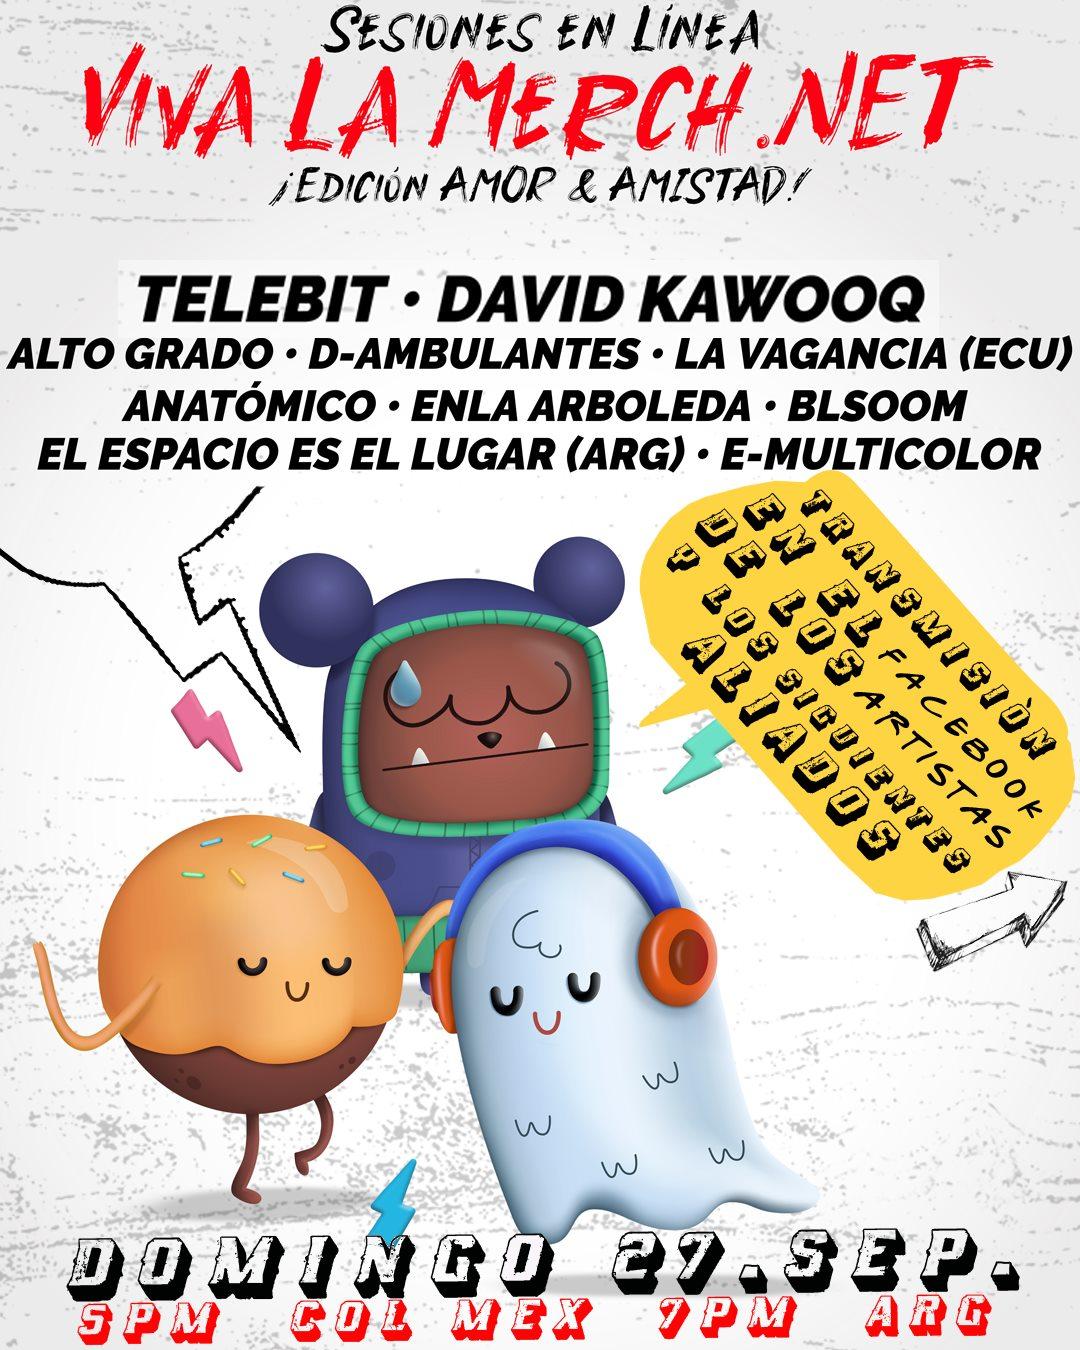 Sesiones en line Viva La Merch - Edición Amor y Amistad